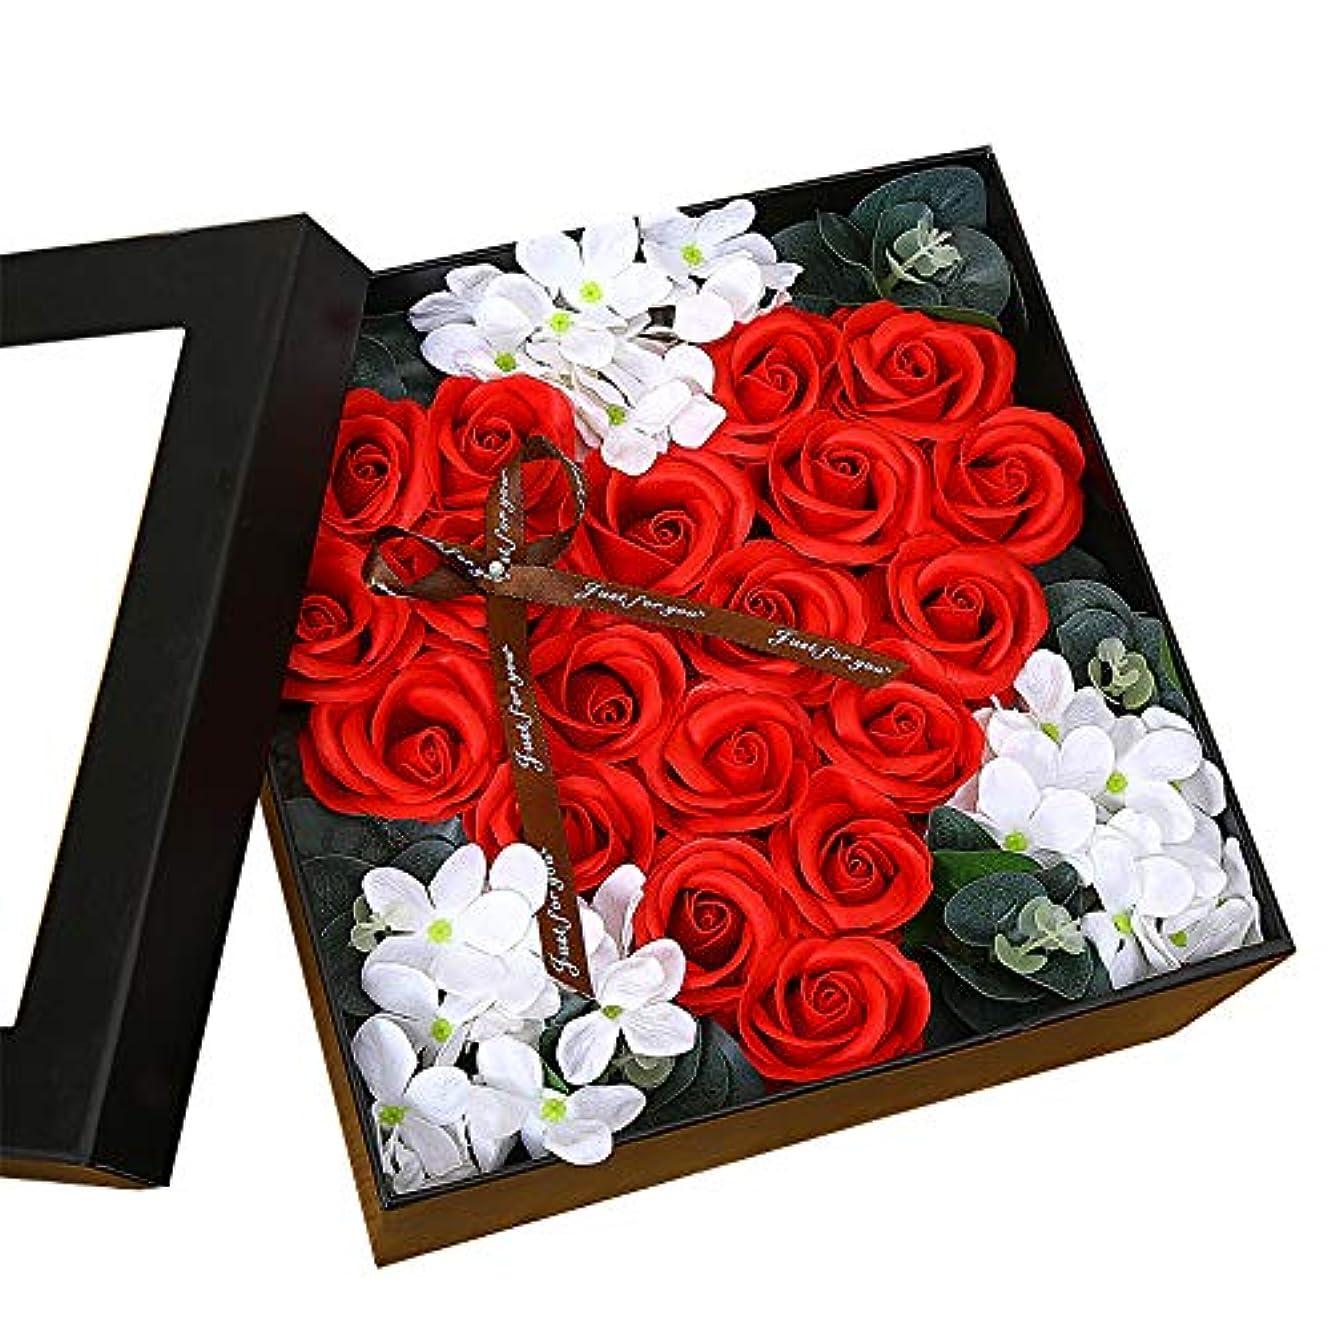 排気再撮りボイラー生地と花石鹸の花 ギフトソープフラワーローズフラワーバレンタインデーのために不可欠ガールフレンド記念日誕生日母の日 (色 : Red square box)